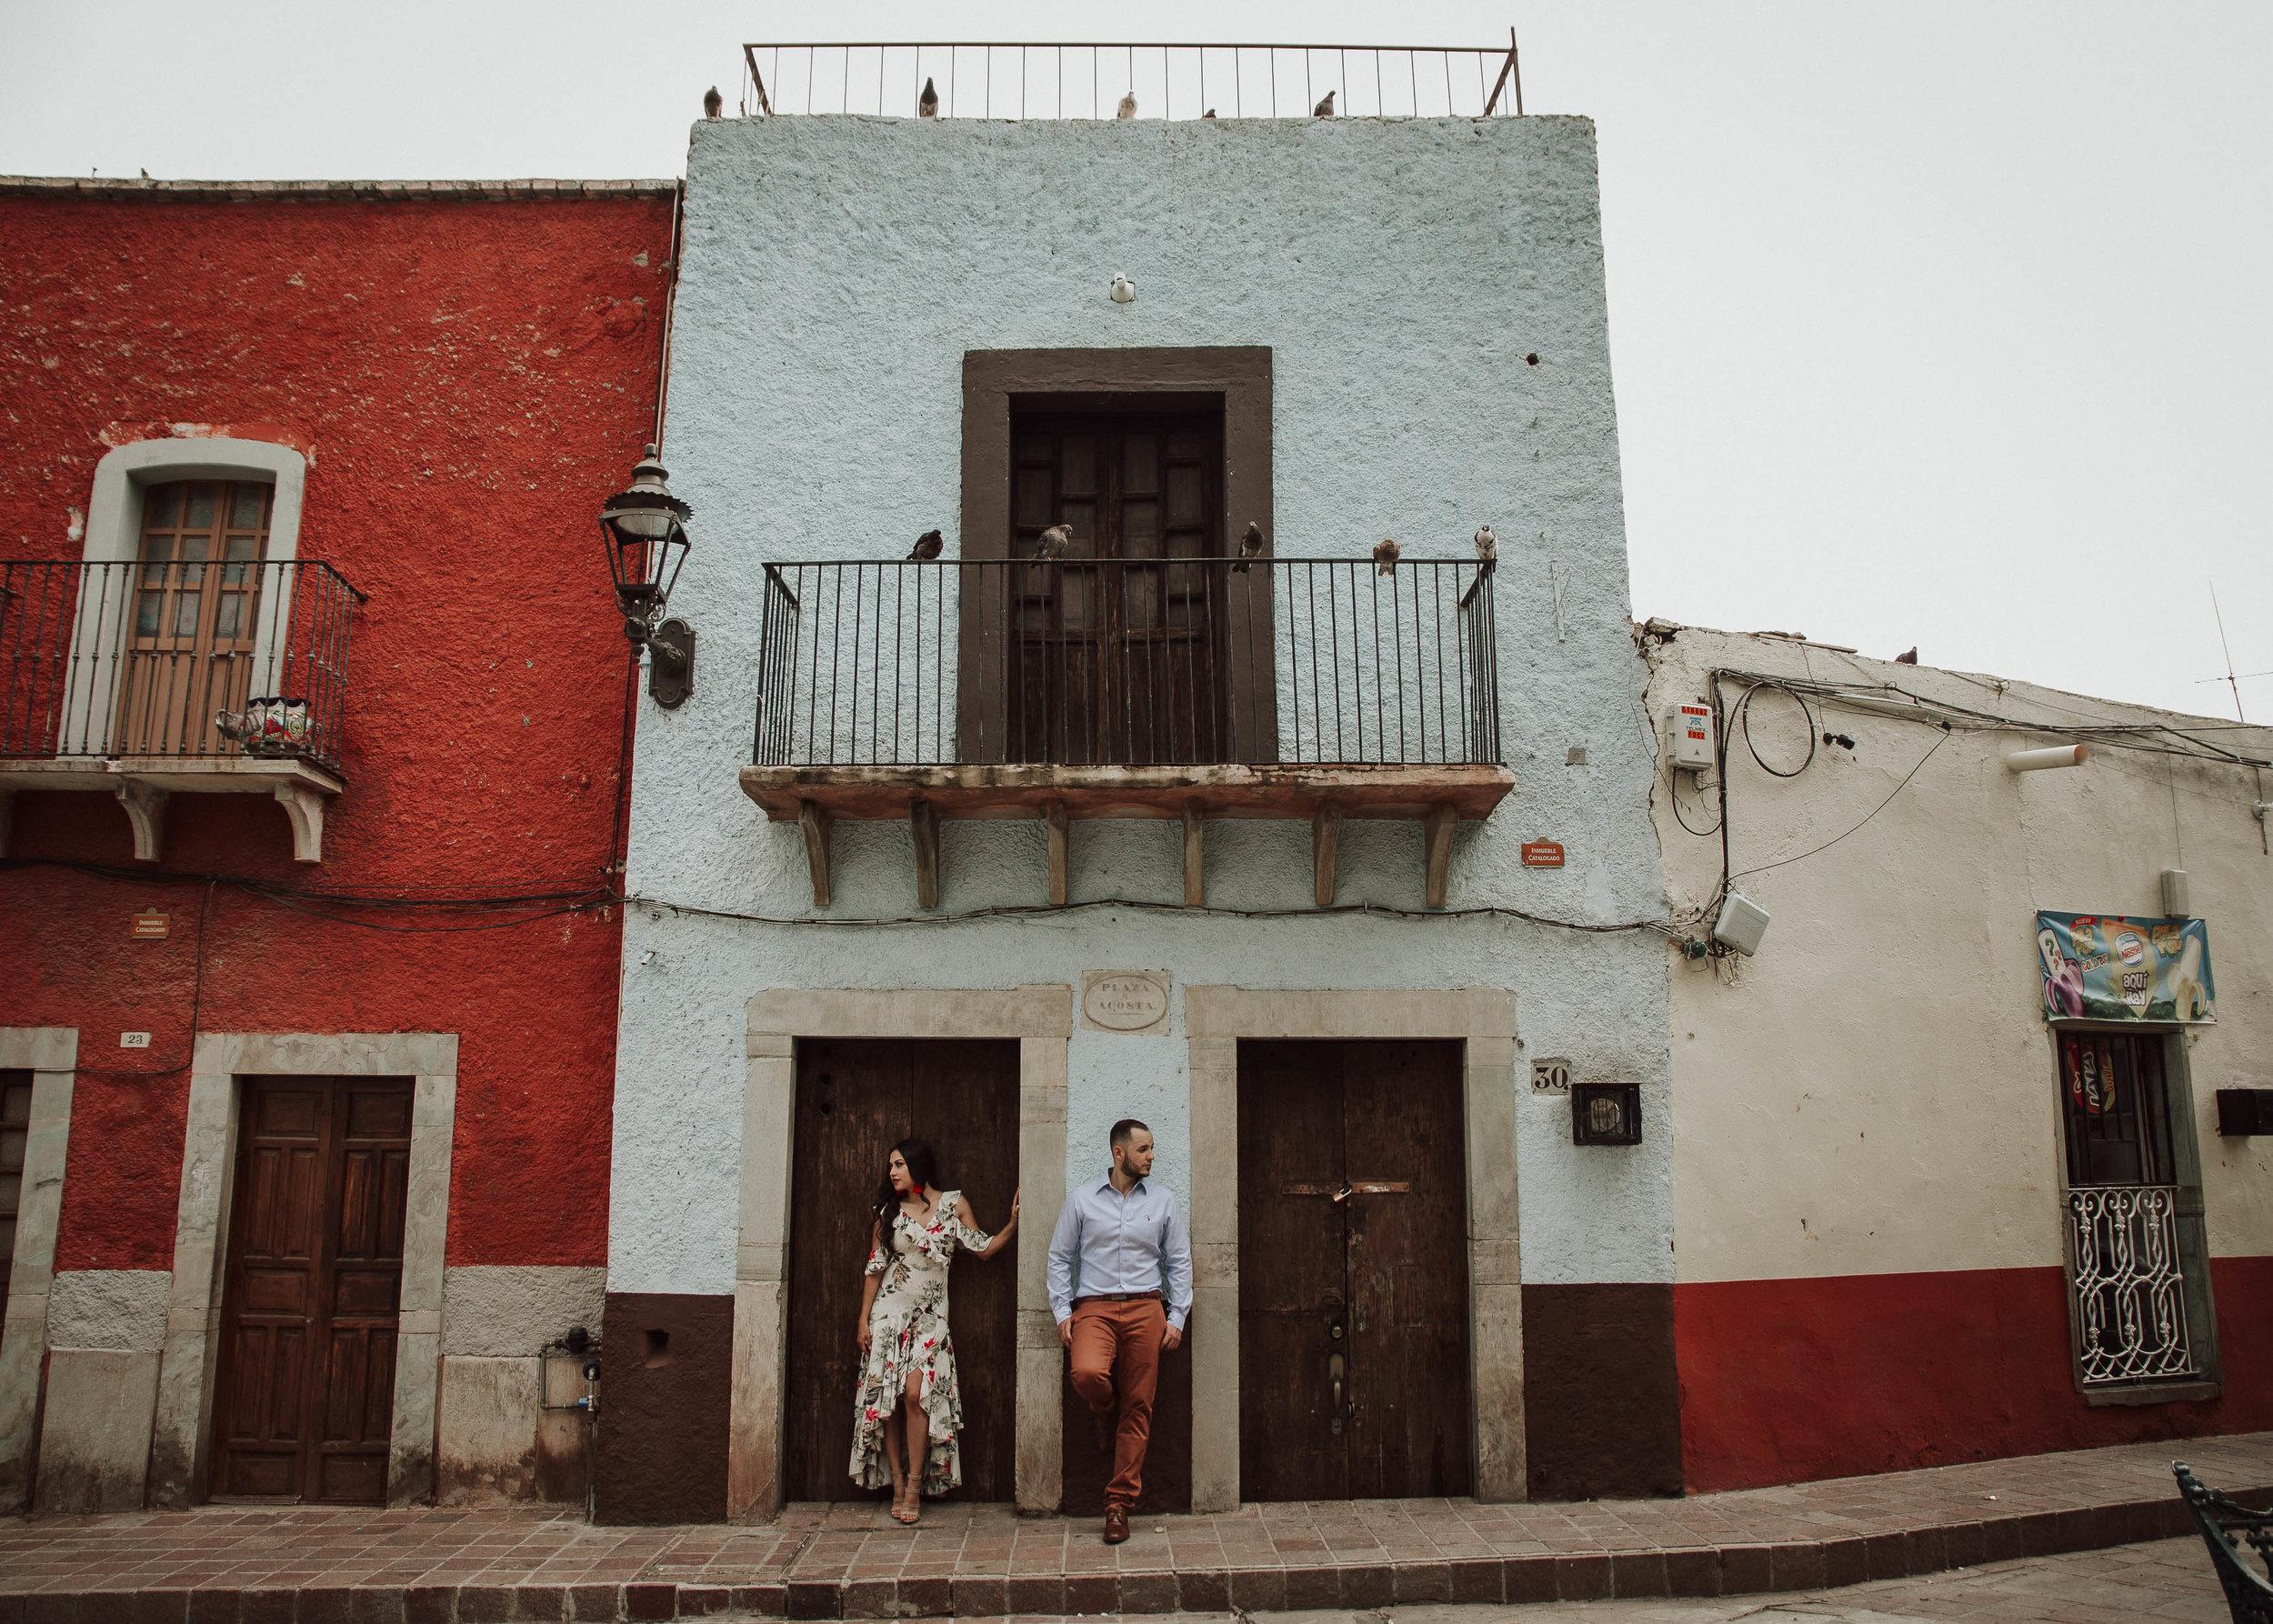 Fotografo-de-bodas-destino-Mexico-wedding-destination-photographer-san-miguel-de-allende-guanajuato-queretaro-boho-bohemian-bohemio-chic-editorial-carotida-photographer-castillo-santa-cecilia